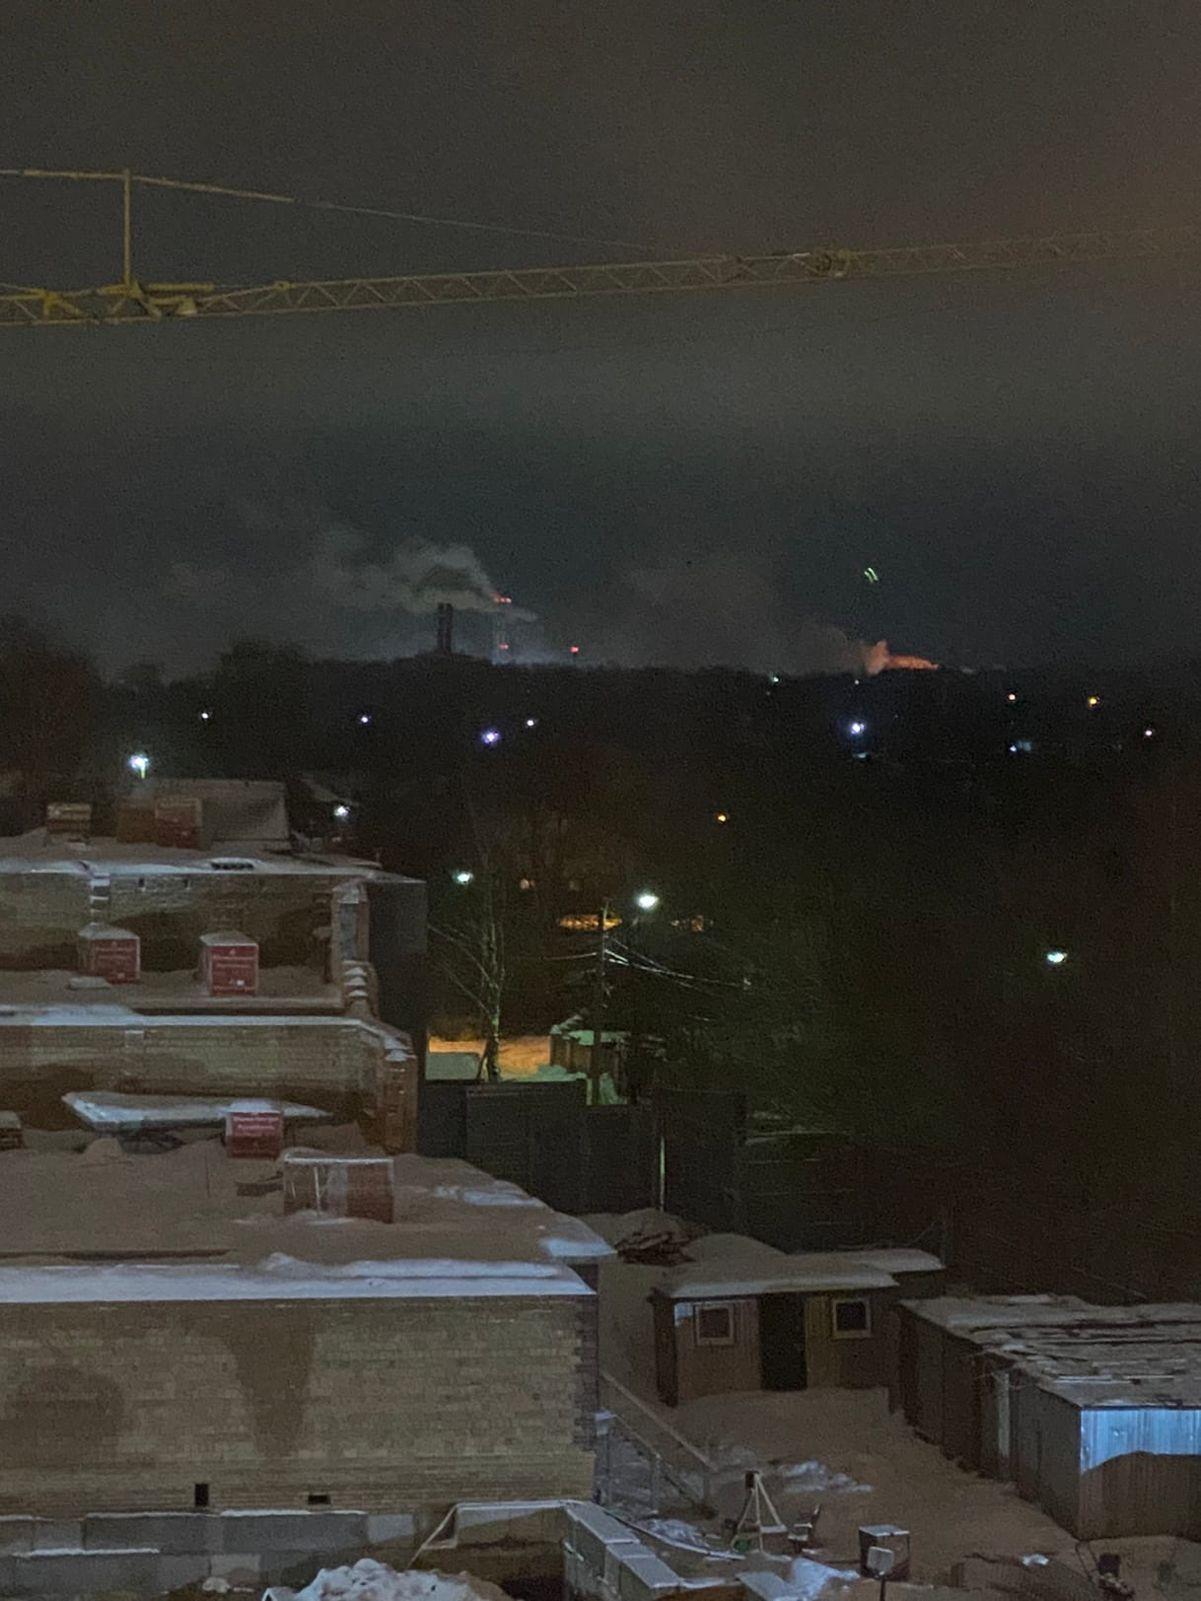 «Не менее десяти машин с сиренами на мосту»: предварительная информация о ЧП в Заволжском районе